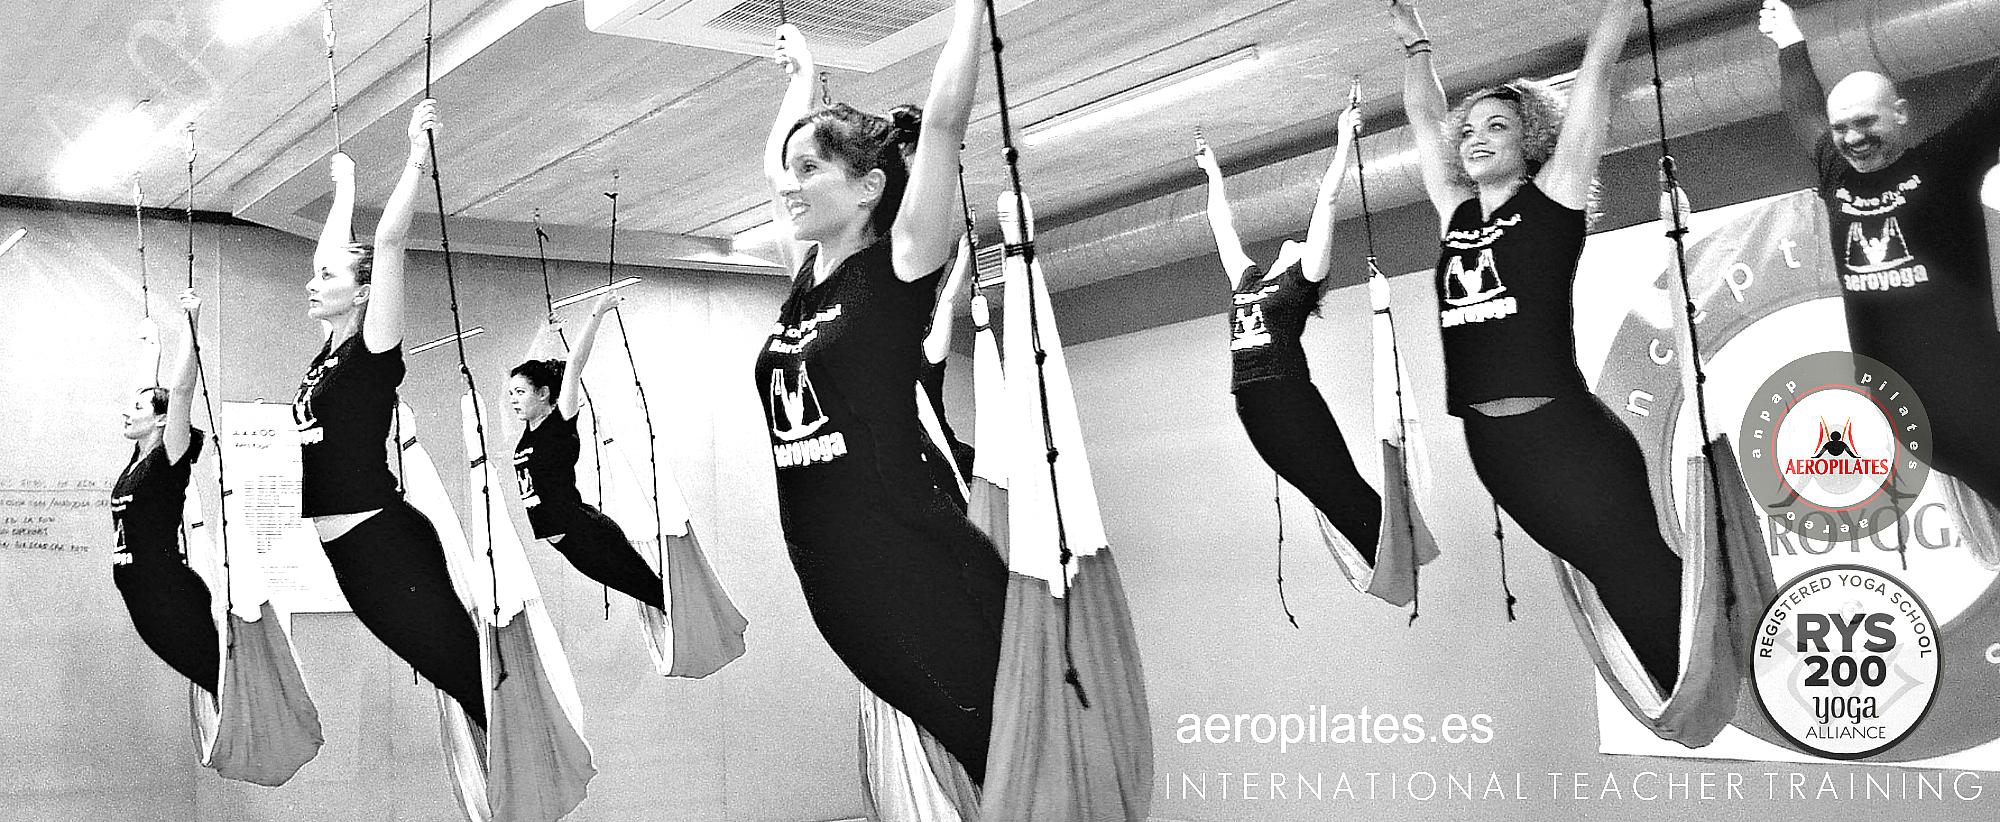 AeroPilates® Institute Presenta Nueva Formación Pilates Columpio del 4 al 11 Diciembre en Madrid